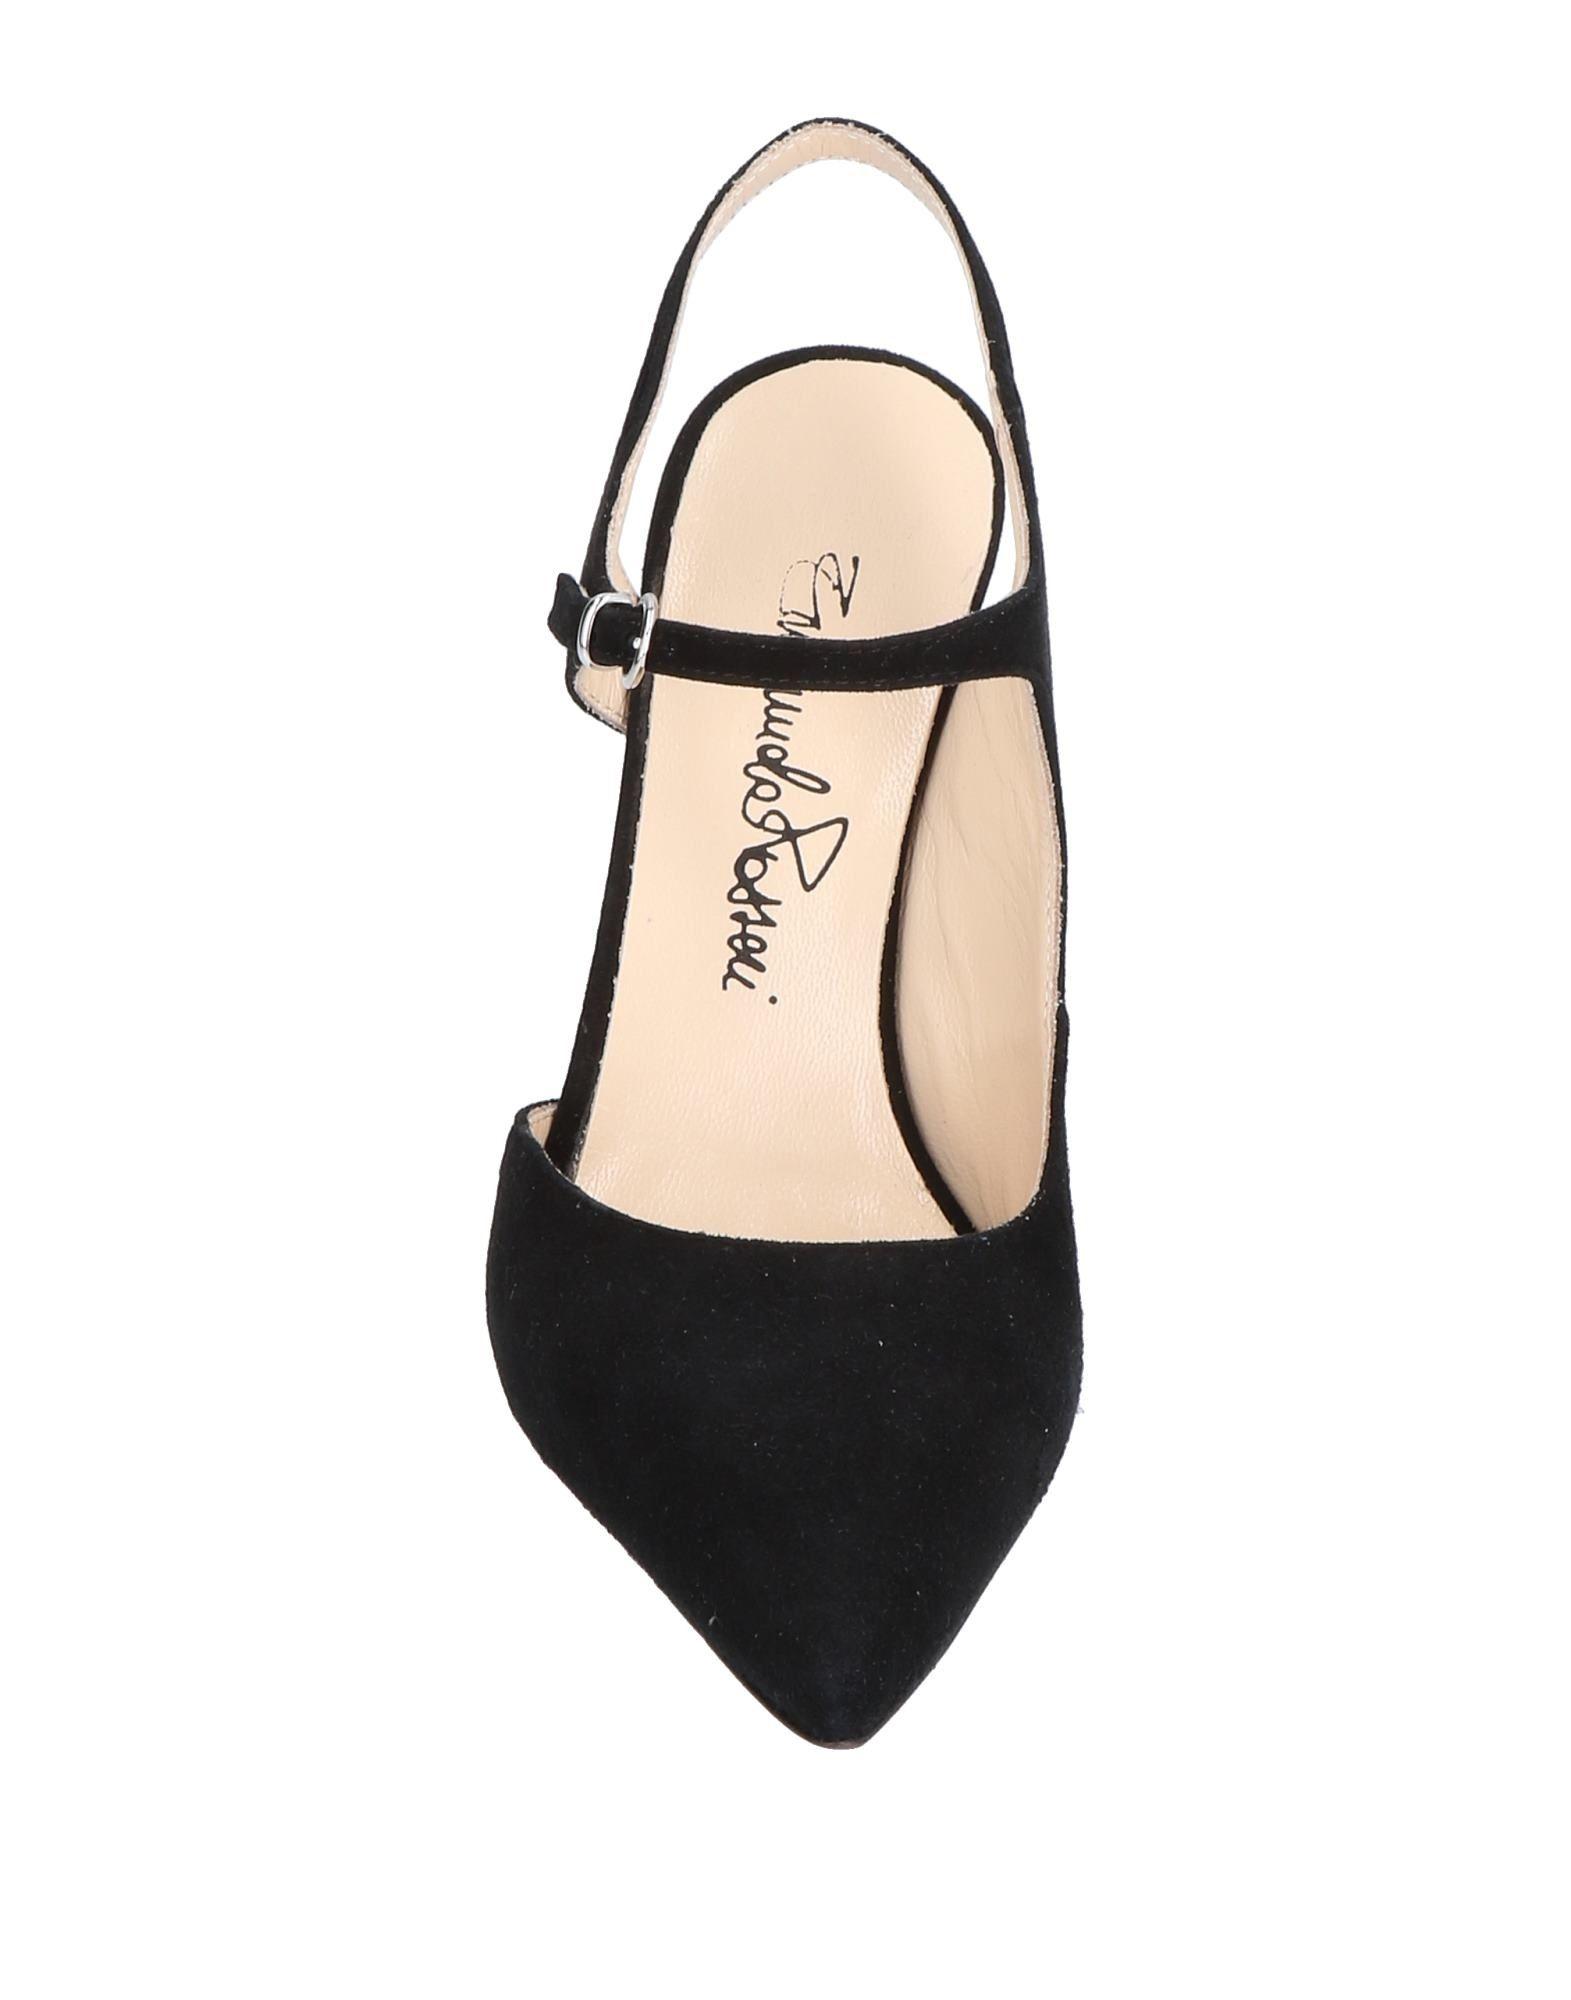 Emanuela 11498640OA Passeri Pumps Damen  11498640OA Emanuela Gute Qualität beliebte Schuhe 36fcac